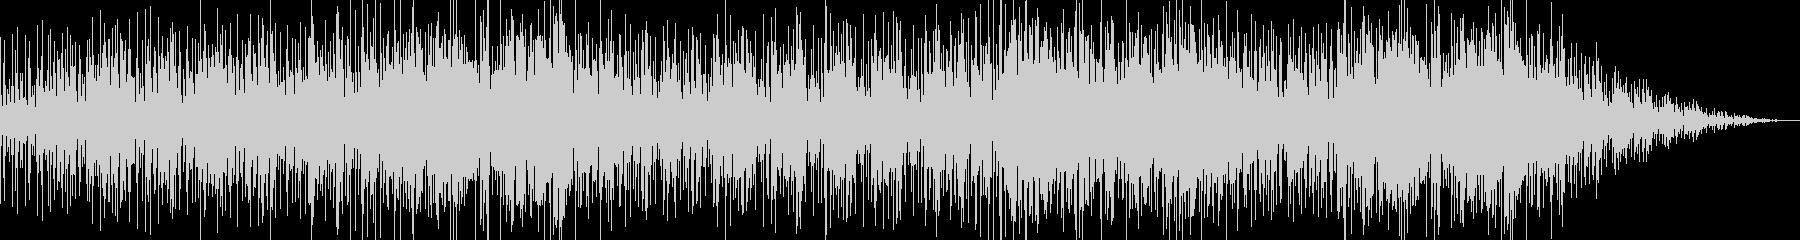 爽やかなバウンドサウンドの洋楽風ポップスの未再生の波形